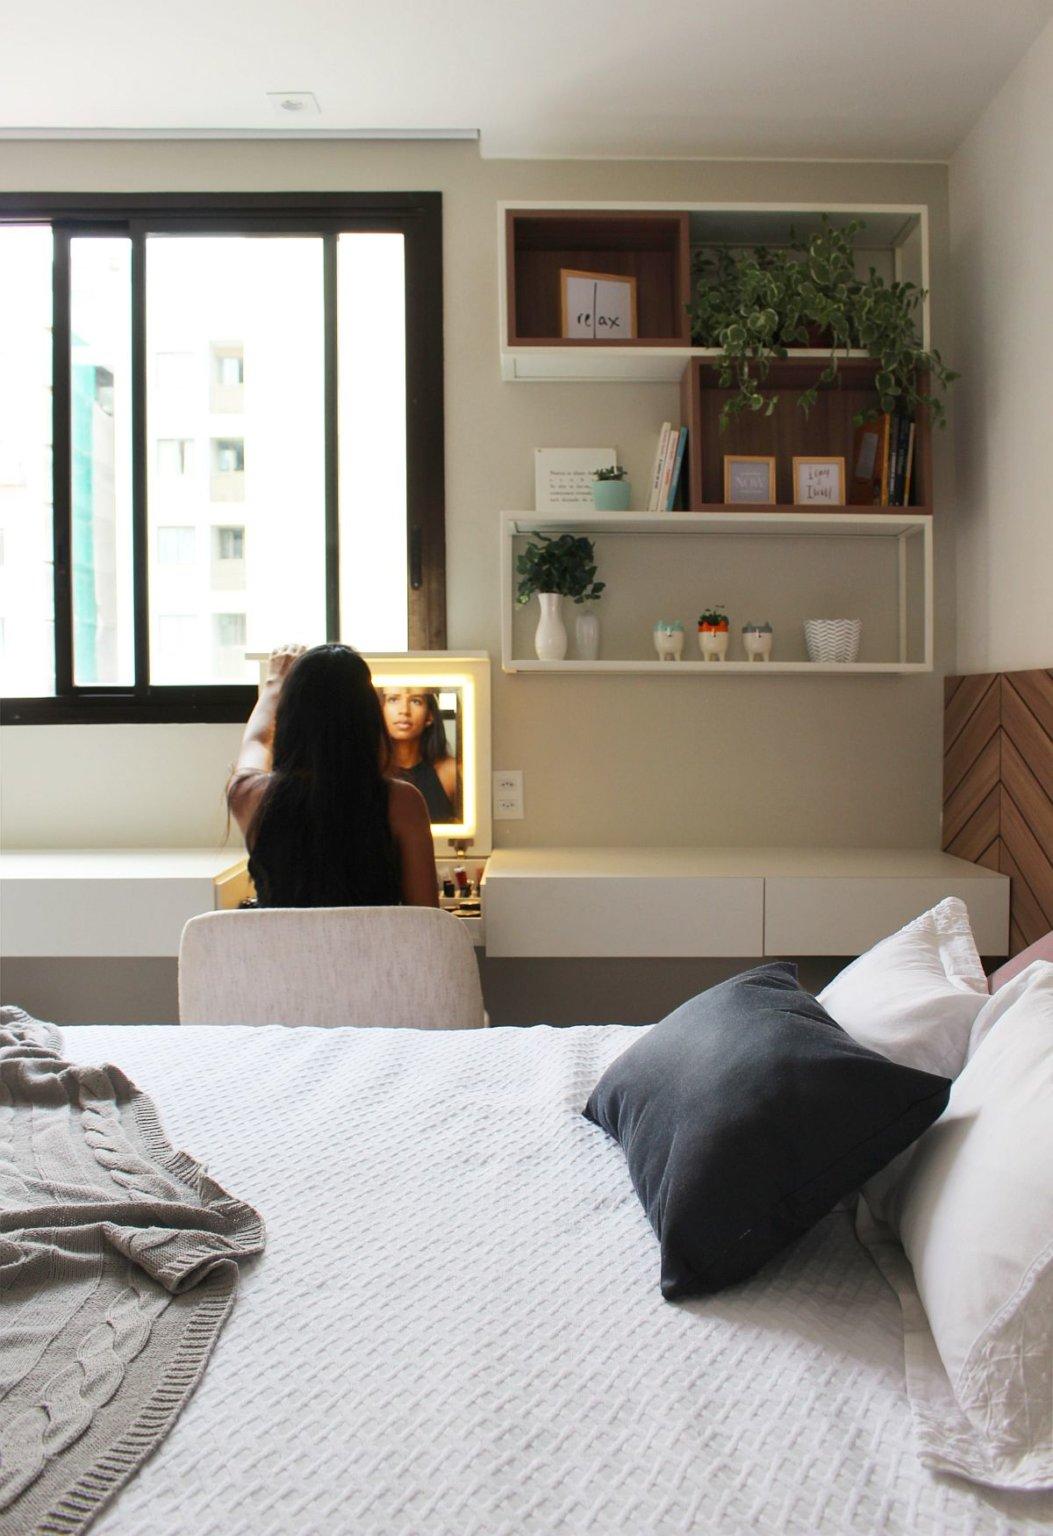 hình ảnh cô gái ngồi trước gương bàn trang điểm phòng ngủ